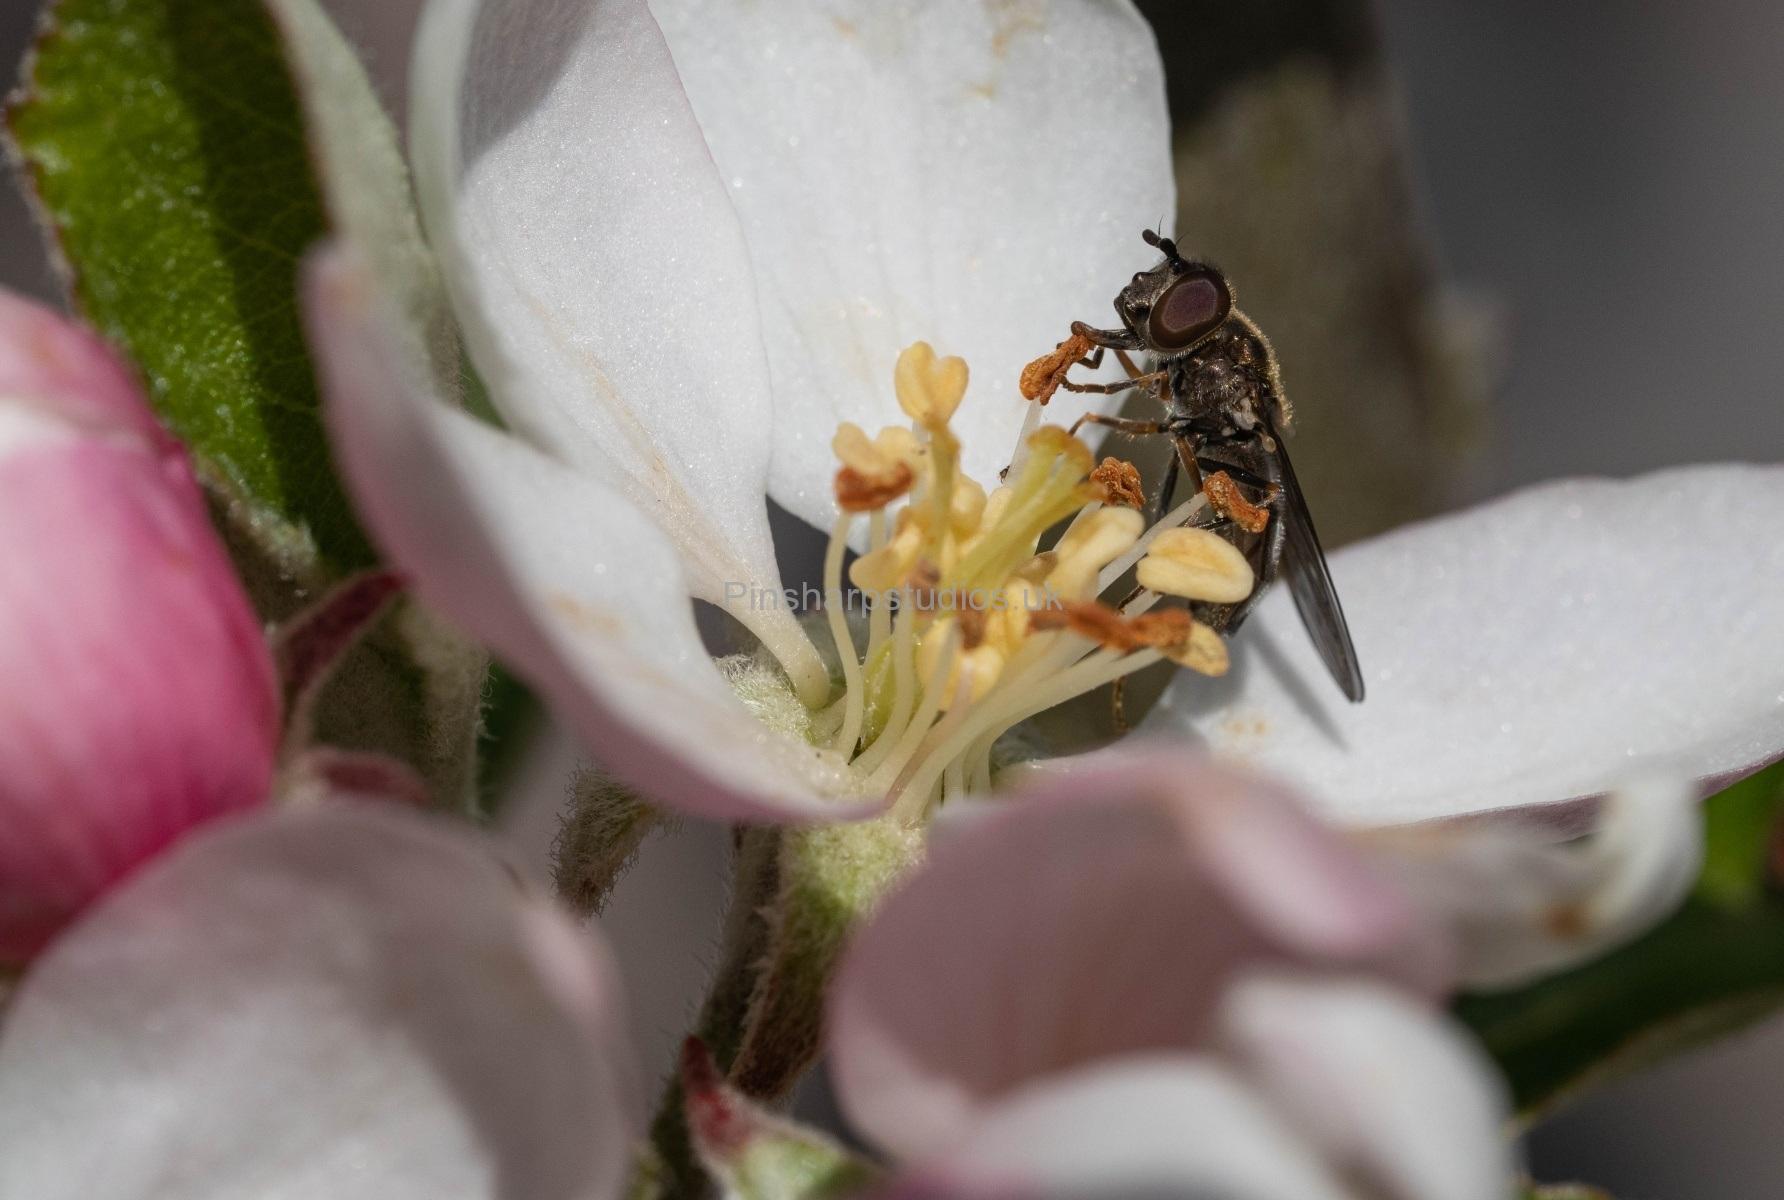 Bee on Apple Blossom